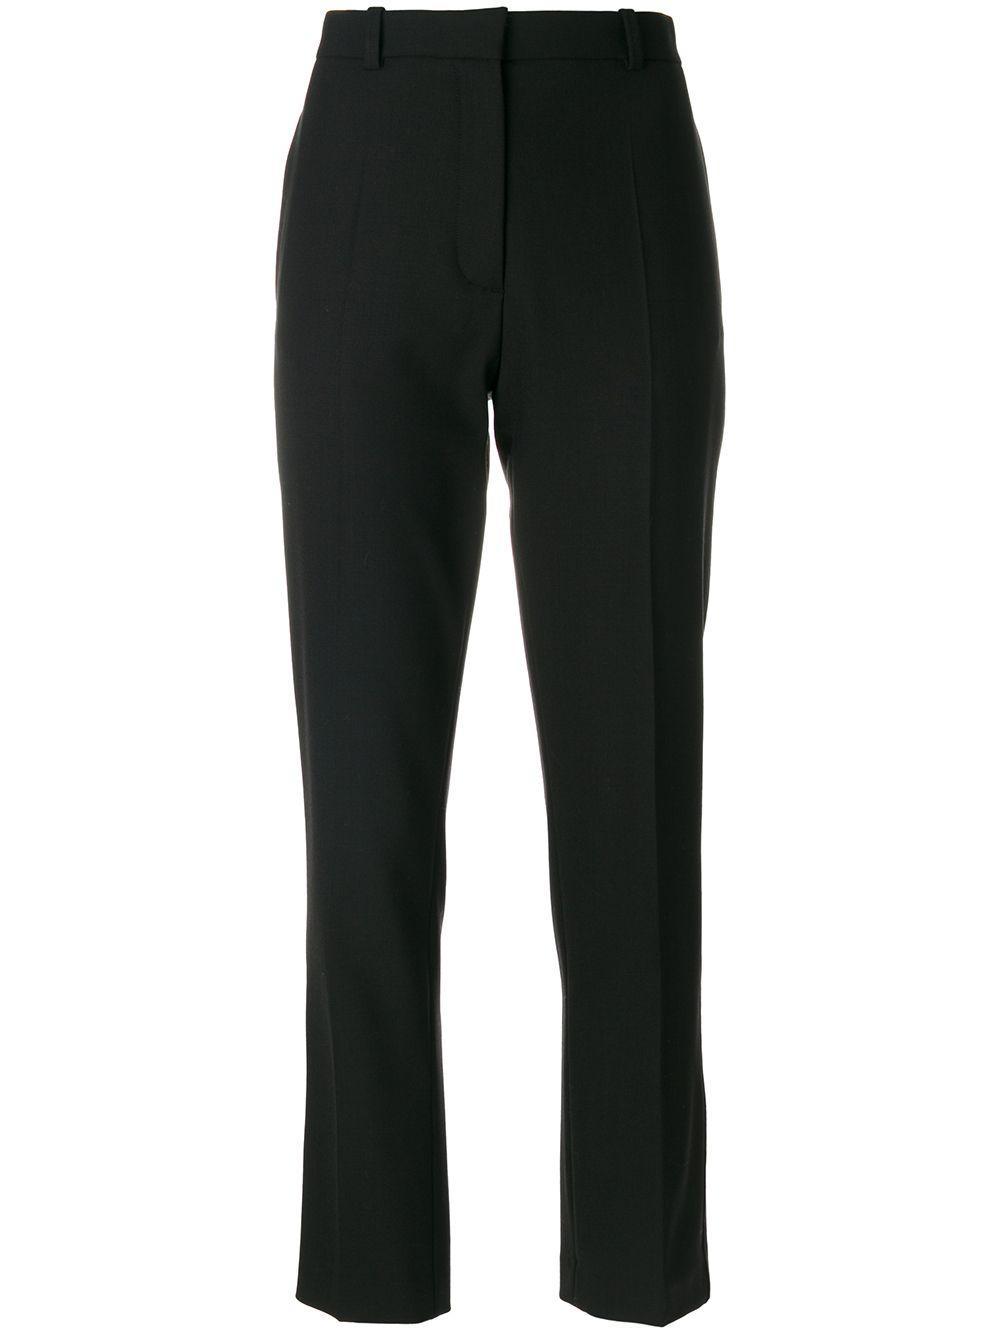 Zoom Comfort Wool Pleated Trouser Item # JP000074